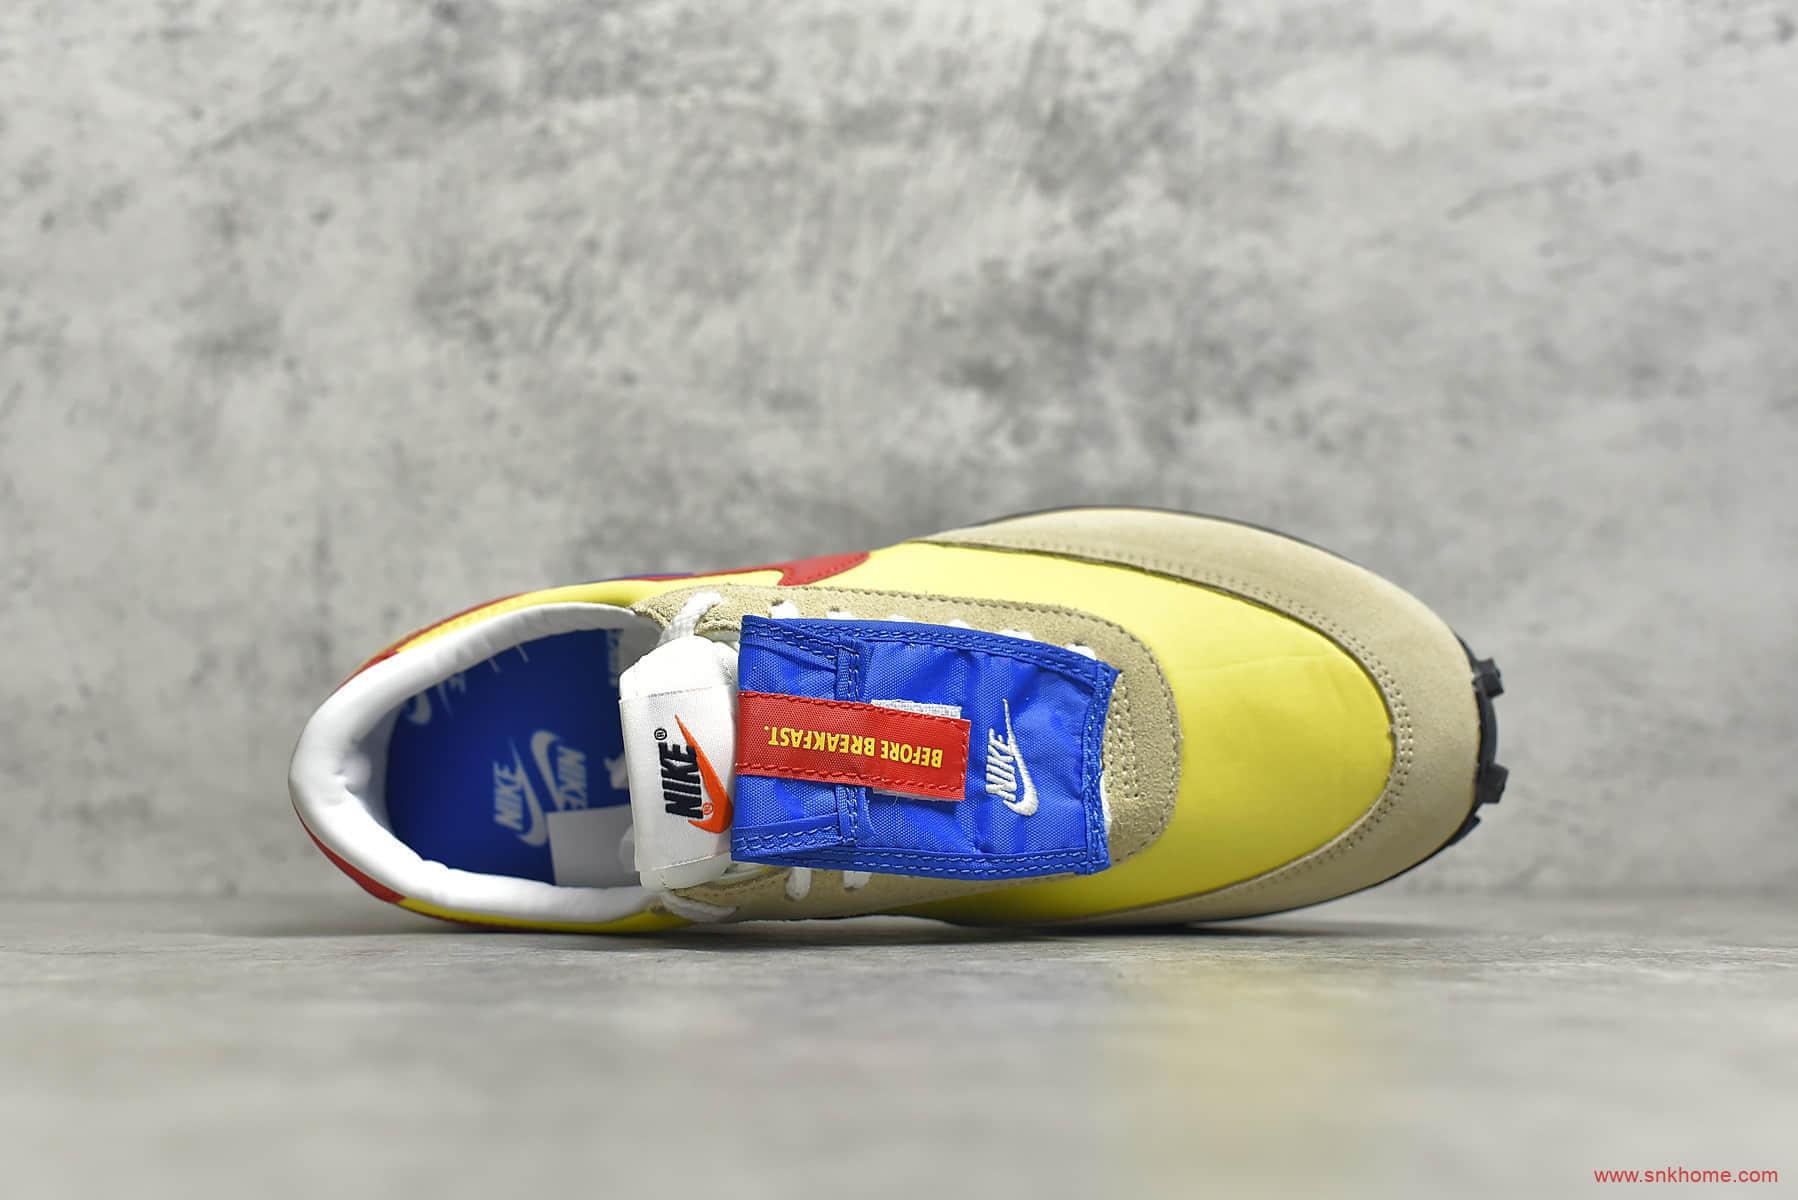 耐克华夫异形复古彩色拼接 NIKE Dbreak SP优选 耐克高桥盾麂皮 货号:DC8083-735-潮流者之家